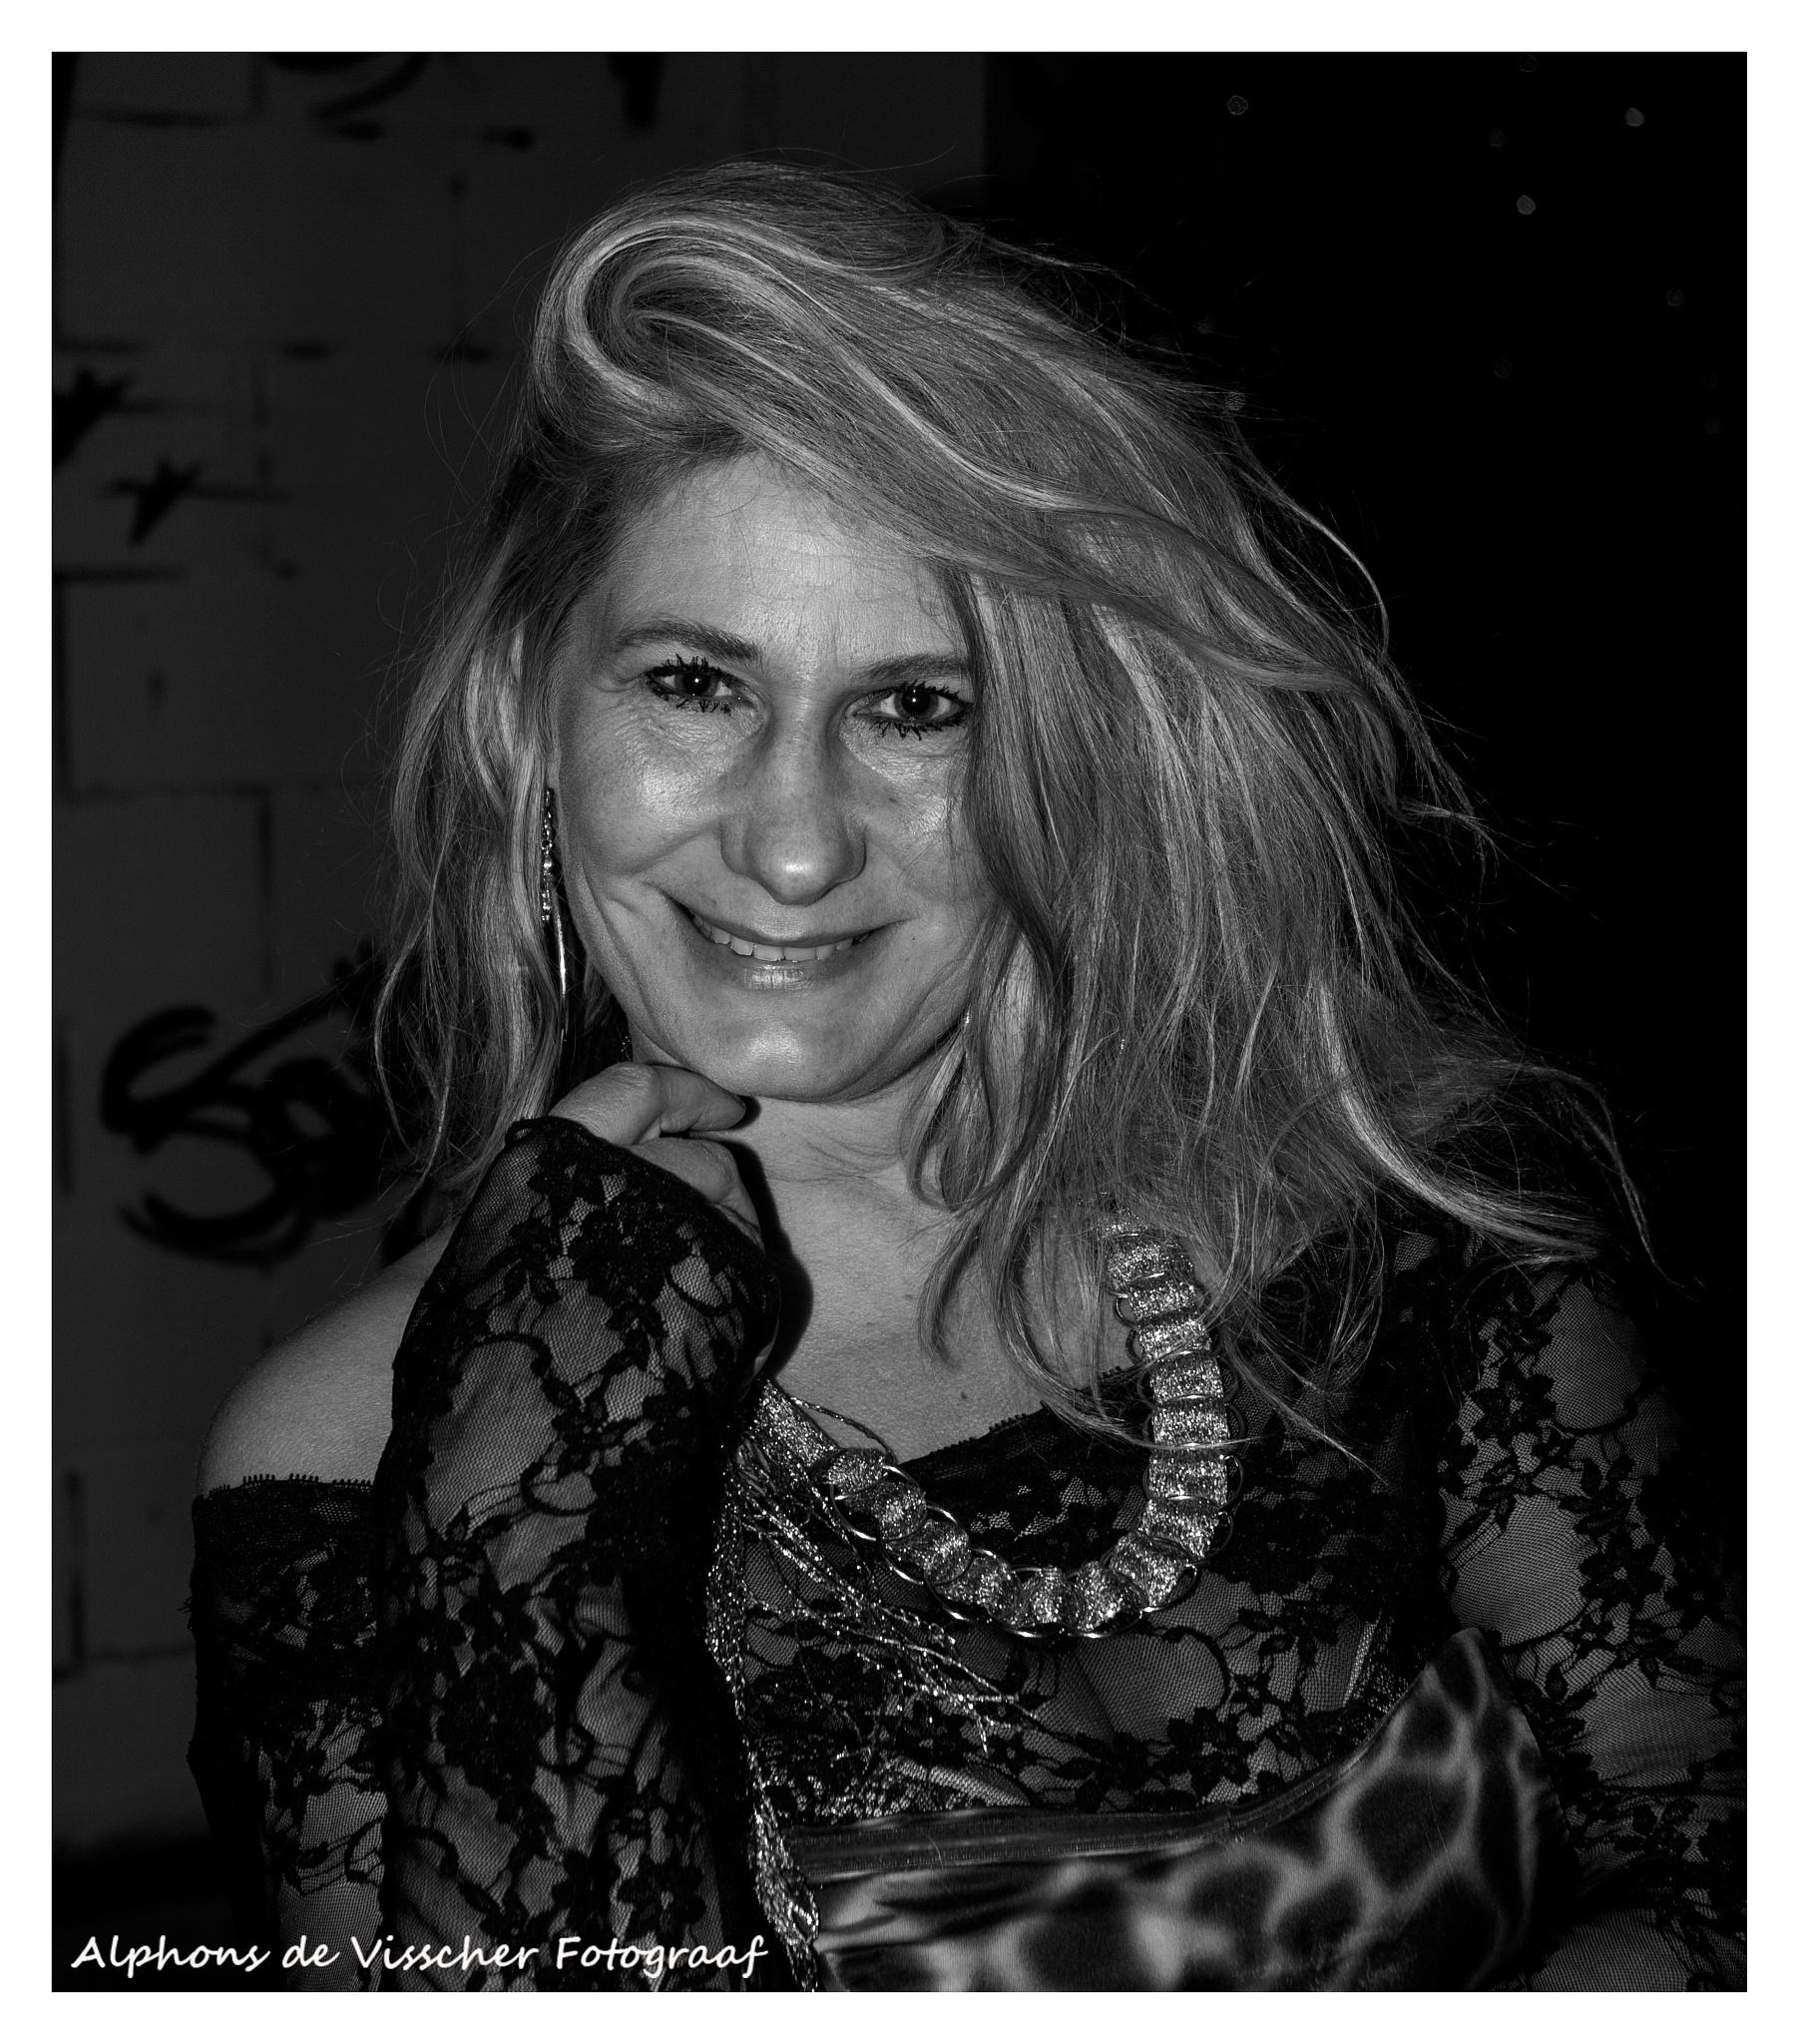 Katherine by Alphons de Visscher Fotograaf